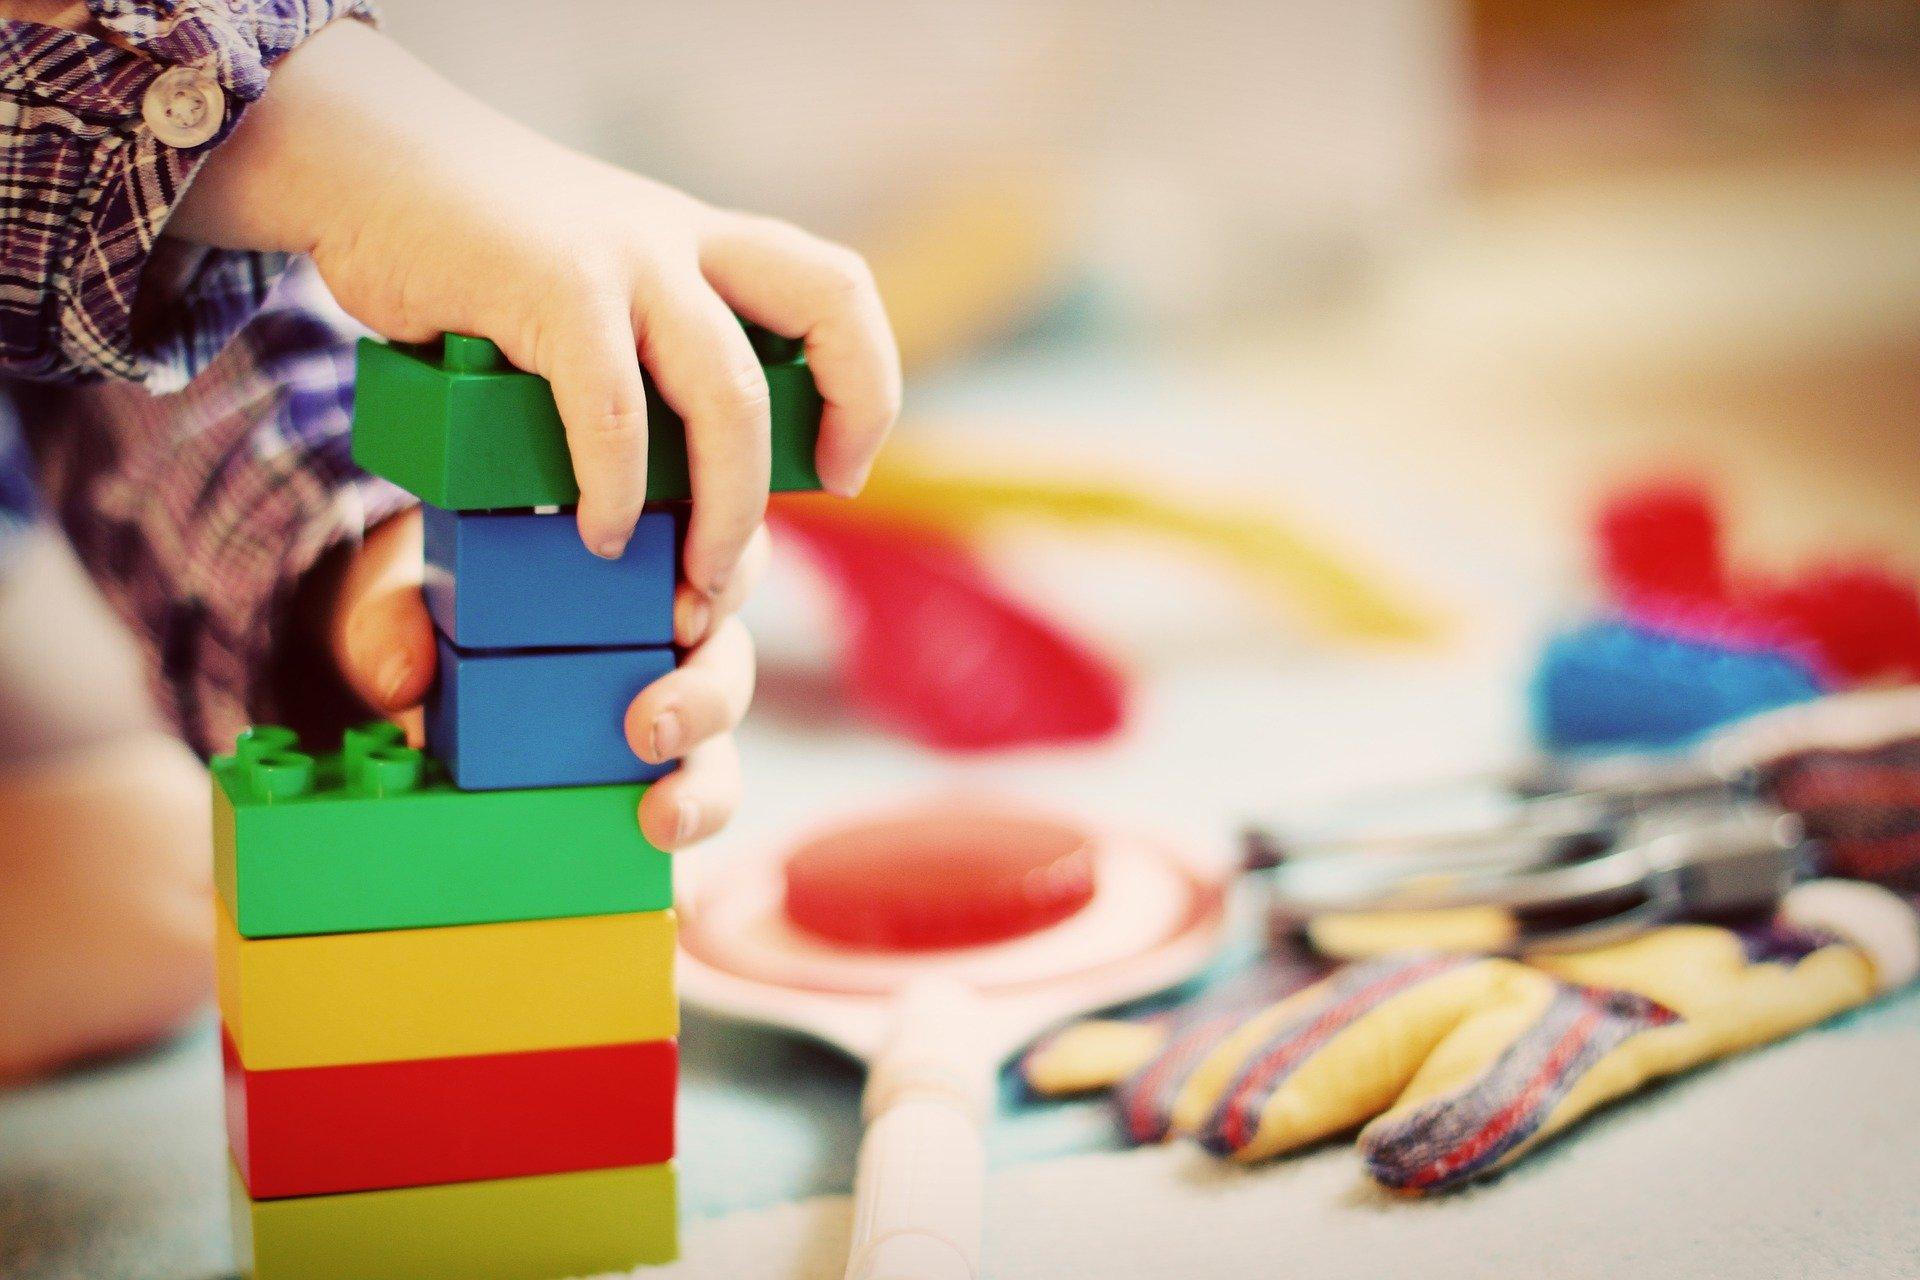 Optimierung der Anmelde- und Steuerungsmodalitäten für die Kindertagesstätten